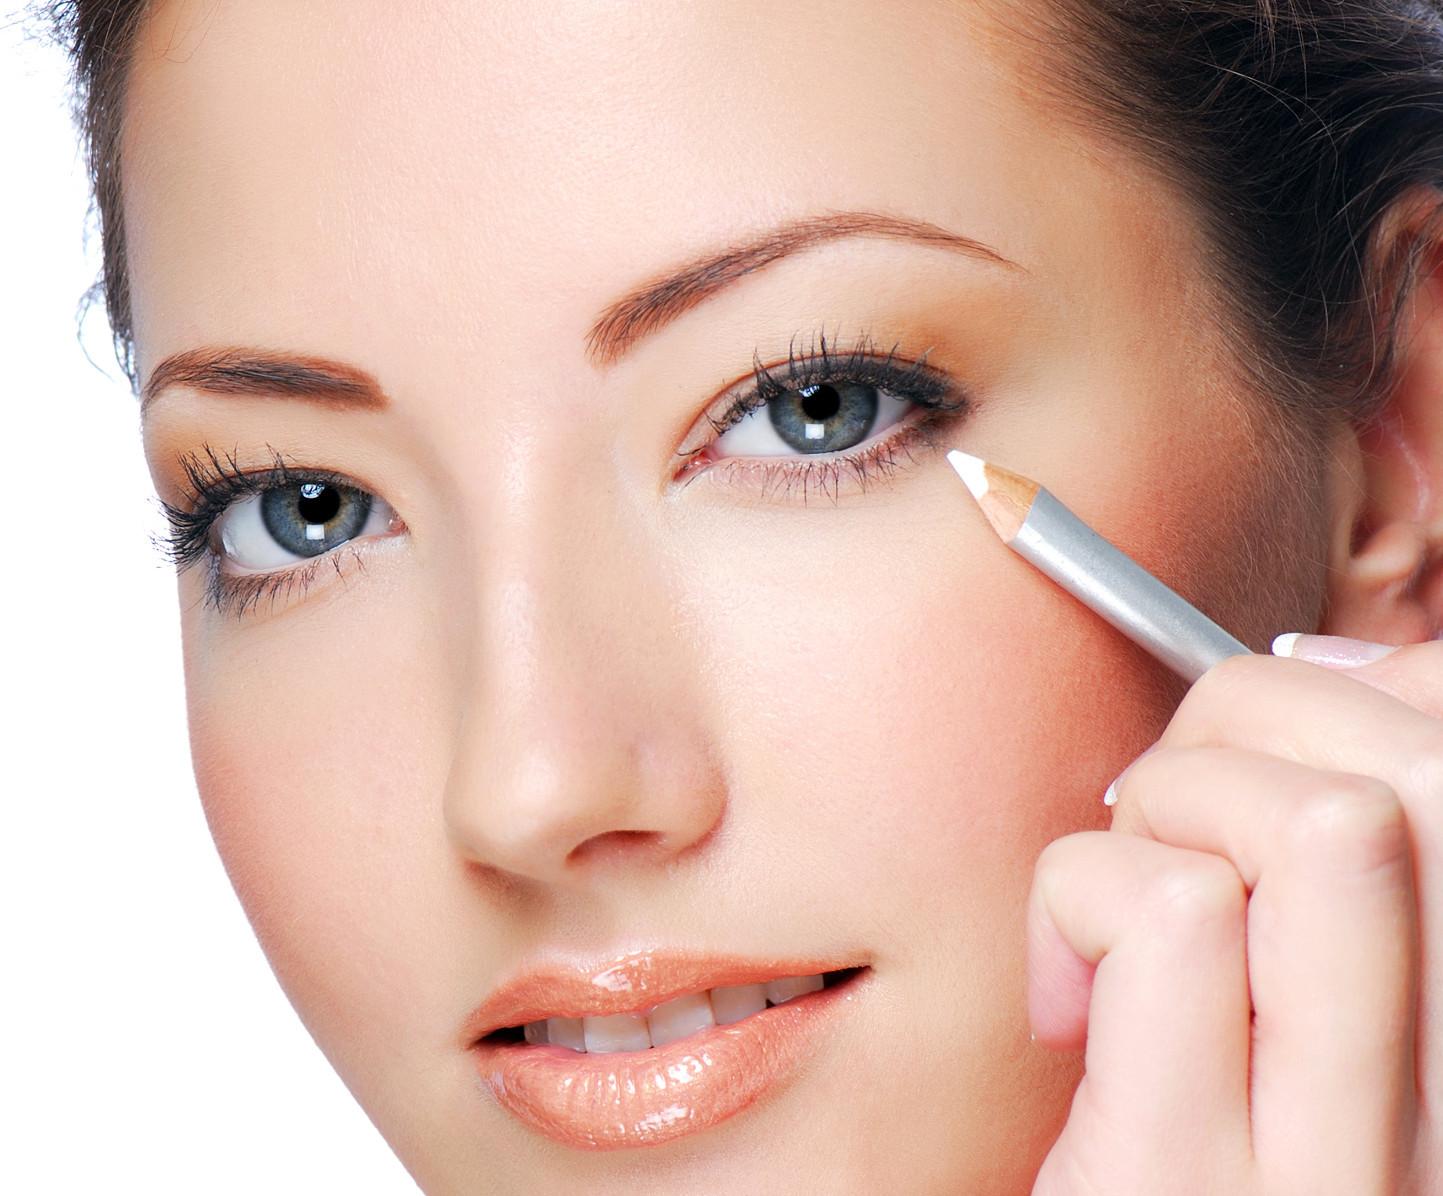 ¿Cómo usar el delineador blanco para agrandar ojos?